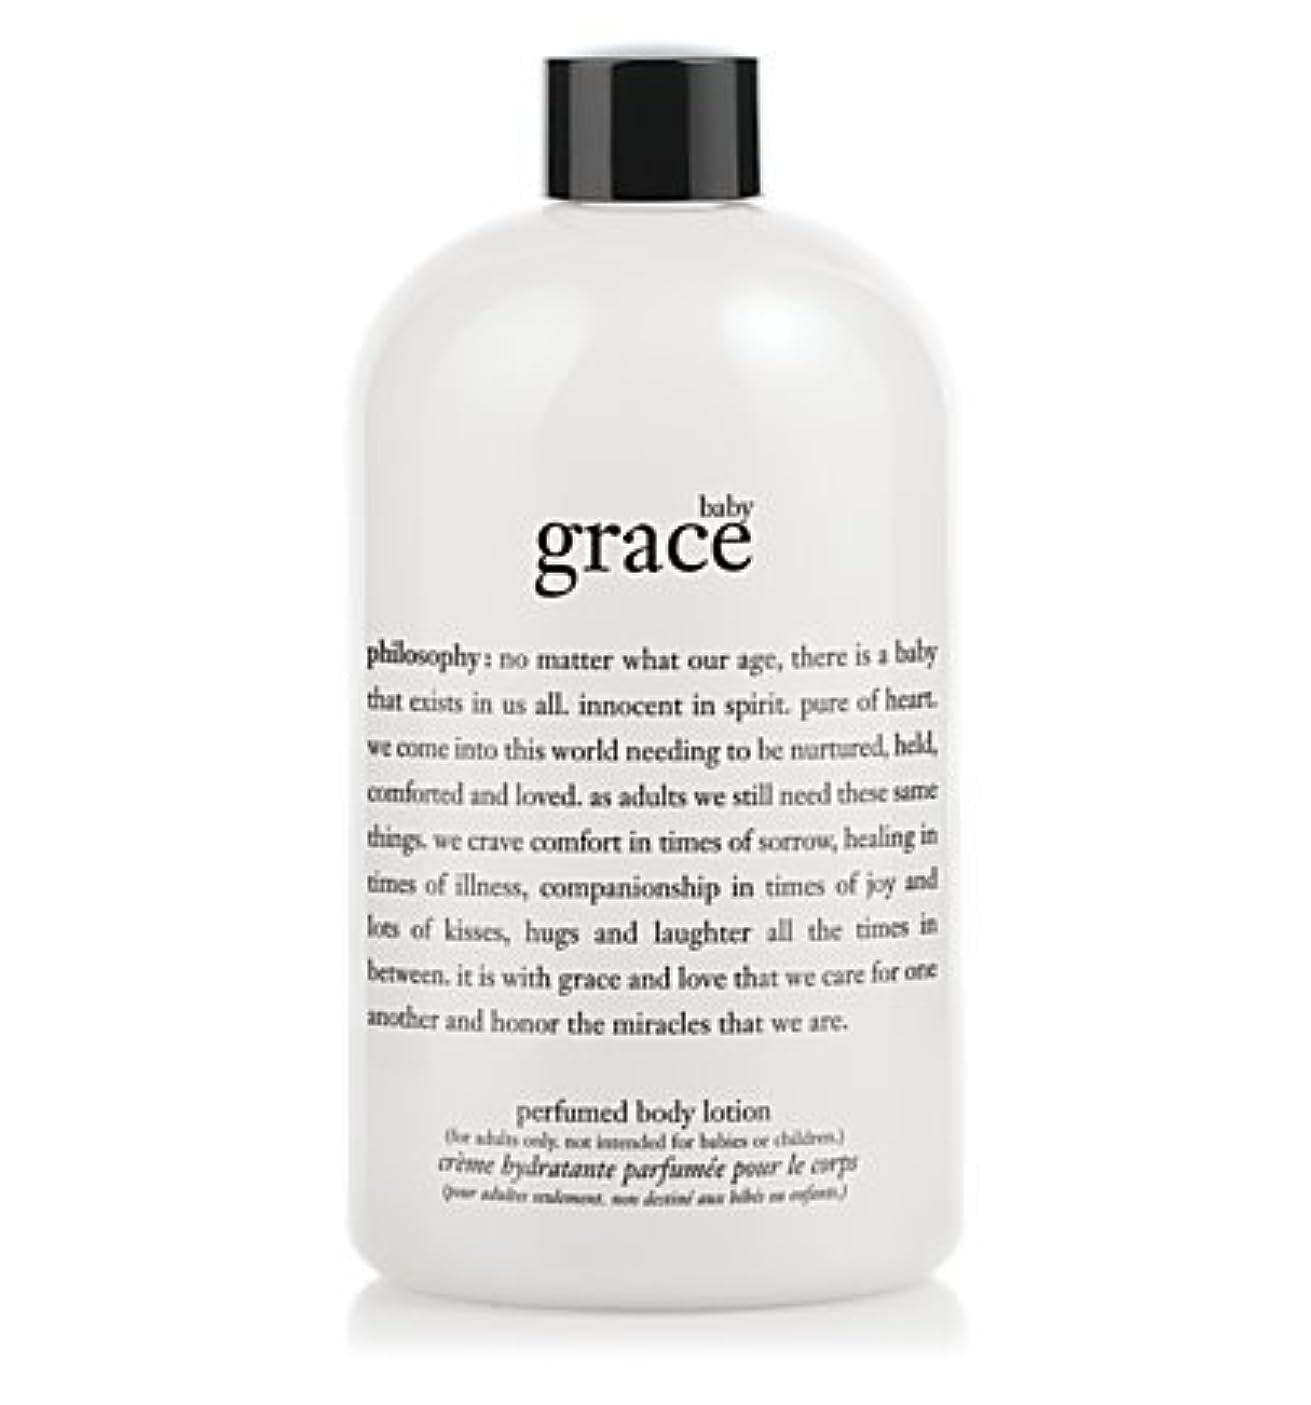 マイクロフォン航空会社ミュウミュウbaby grace (ベビーグレイス ) 16.0 oz (480 ml) perfumed body lotion for Women